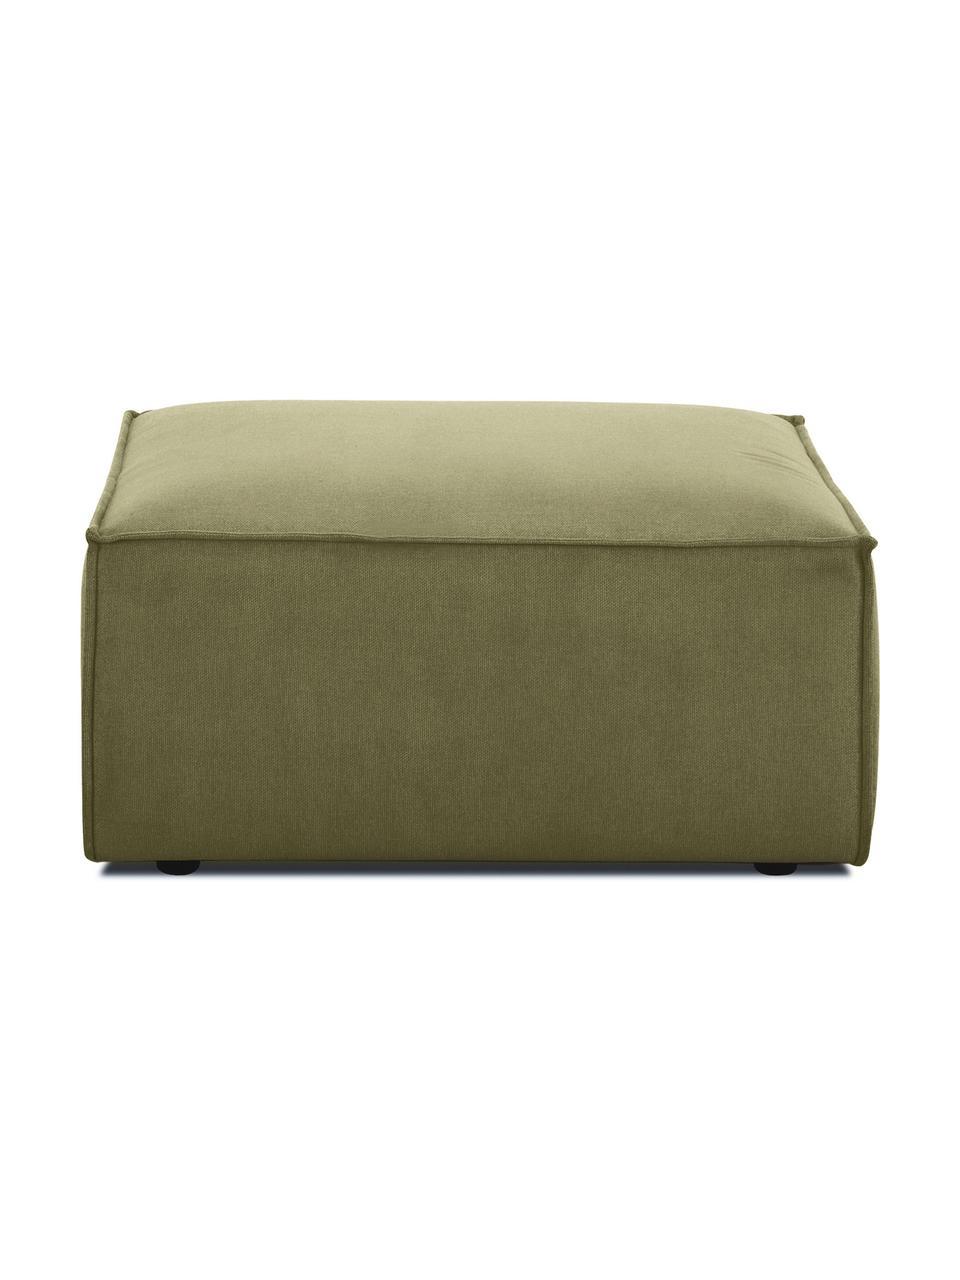 Poggiapiedi da divano in tessuto verde Lennon, Rivestimento: poliestere Il rivestiment, Struttura: legno di pino massiccio, , Piedini: materiale sintetico I pie, Tessuto verde, Larg. 88 x Alt. 43 cm